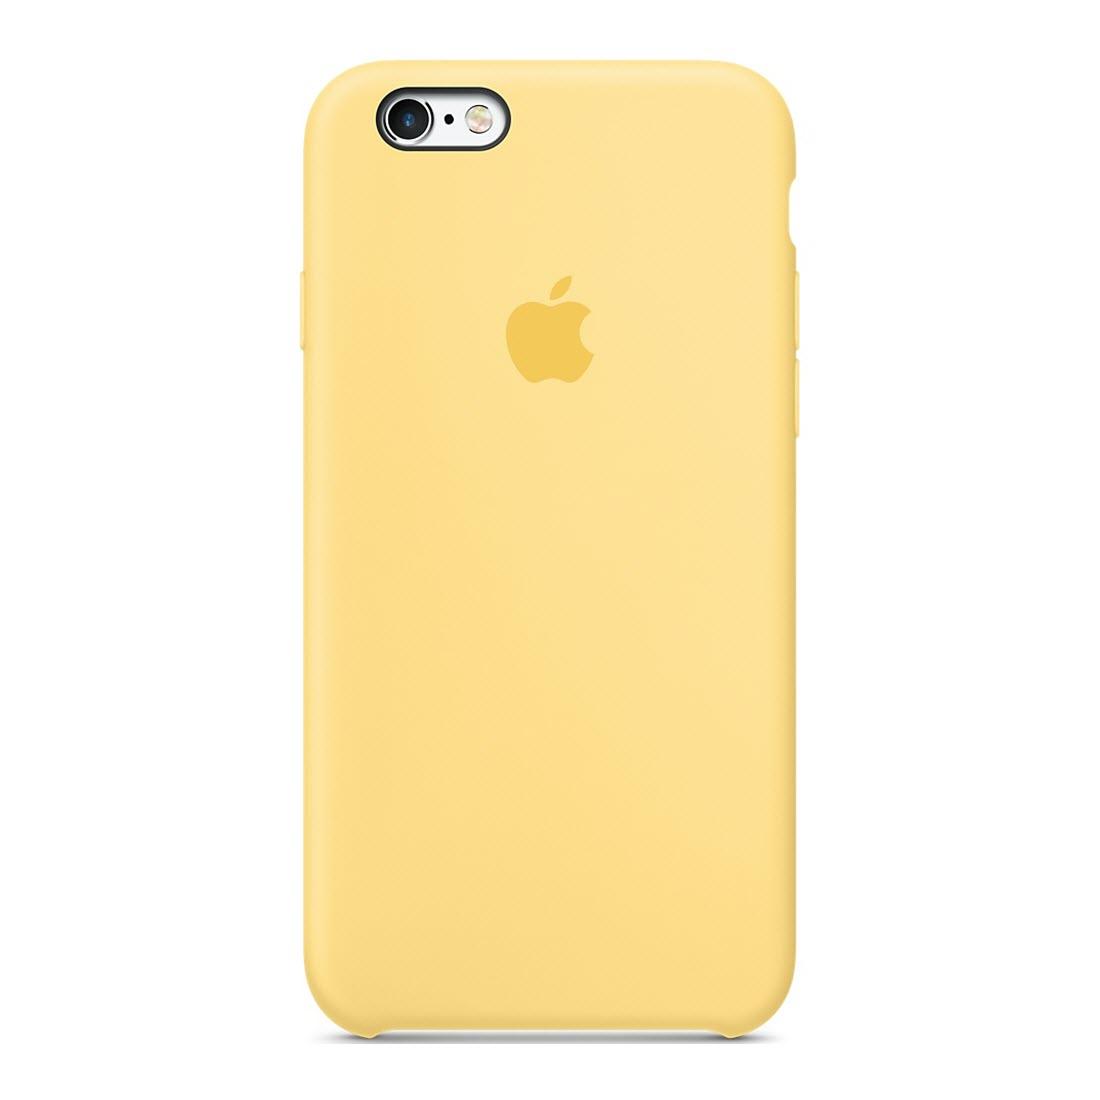 Силиконовый чехол Apple для iPhone 6/6s Yellow